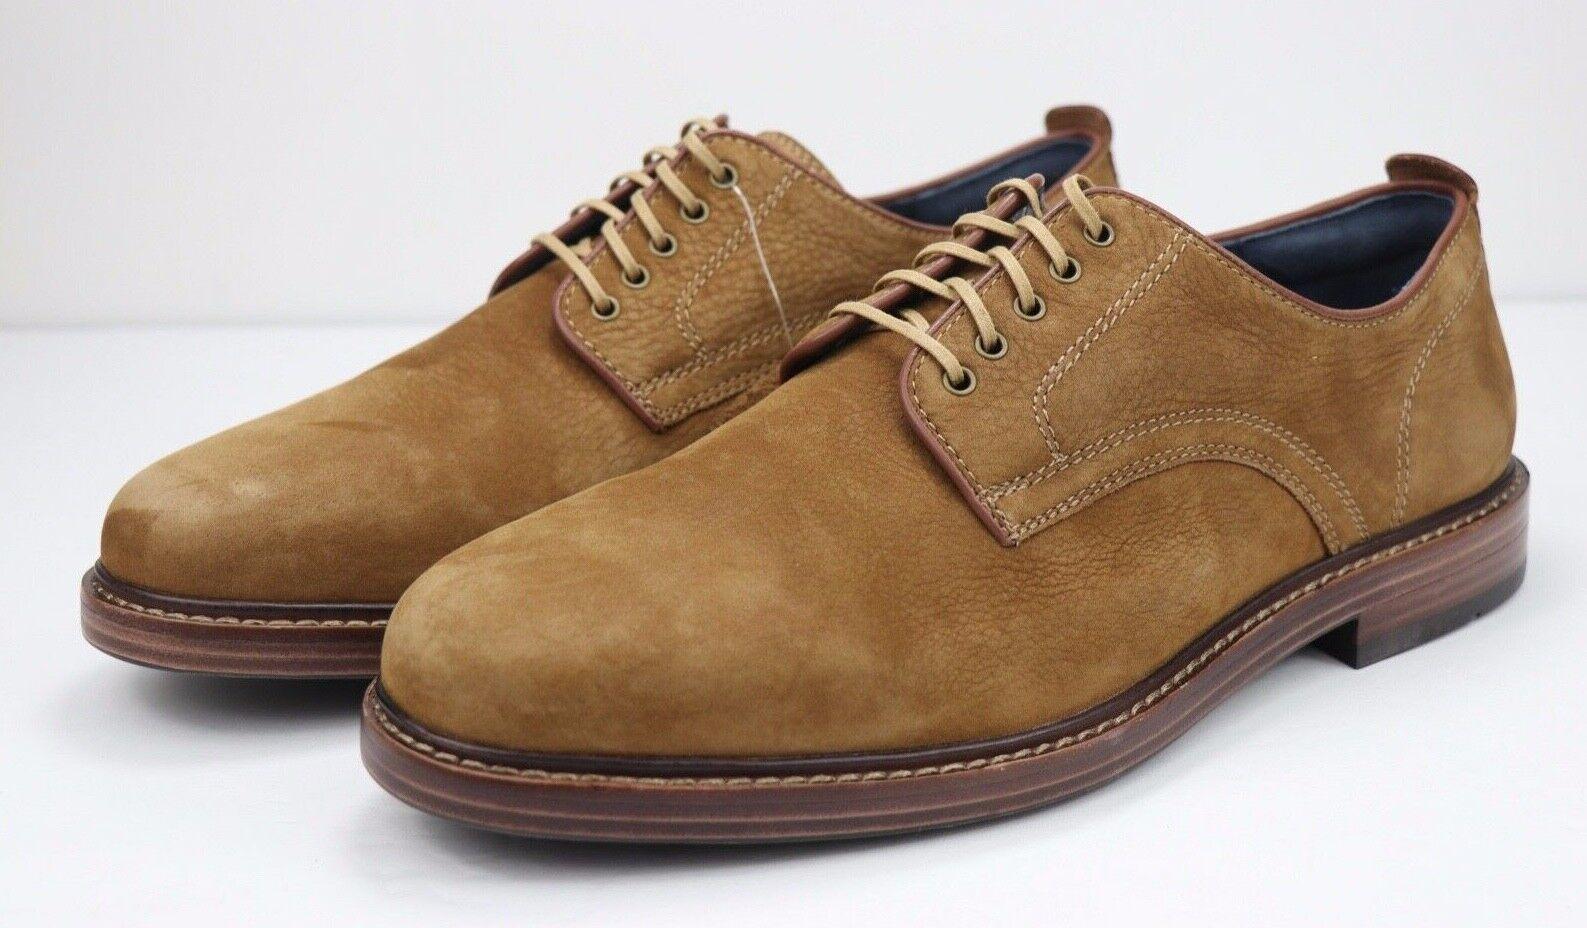 Cole Haan Tyler Plain Toe En Daim Marron Bois   OXFORD chaussure homme Taille 8.5